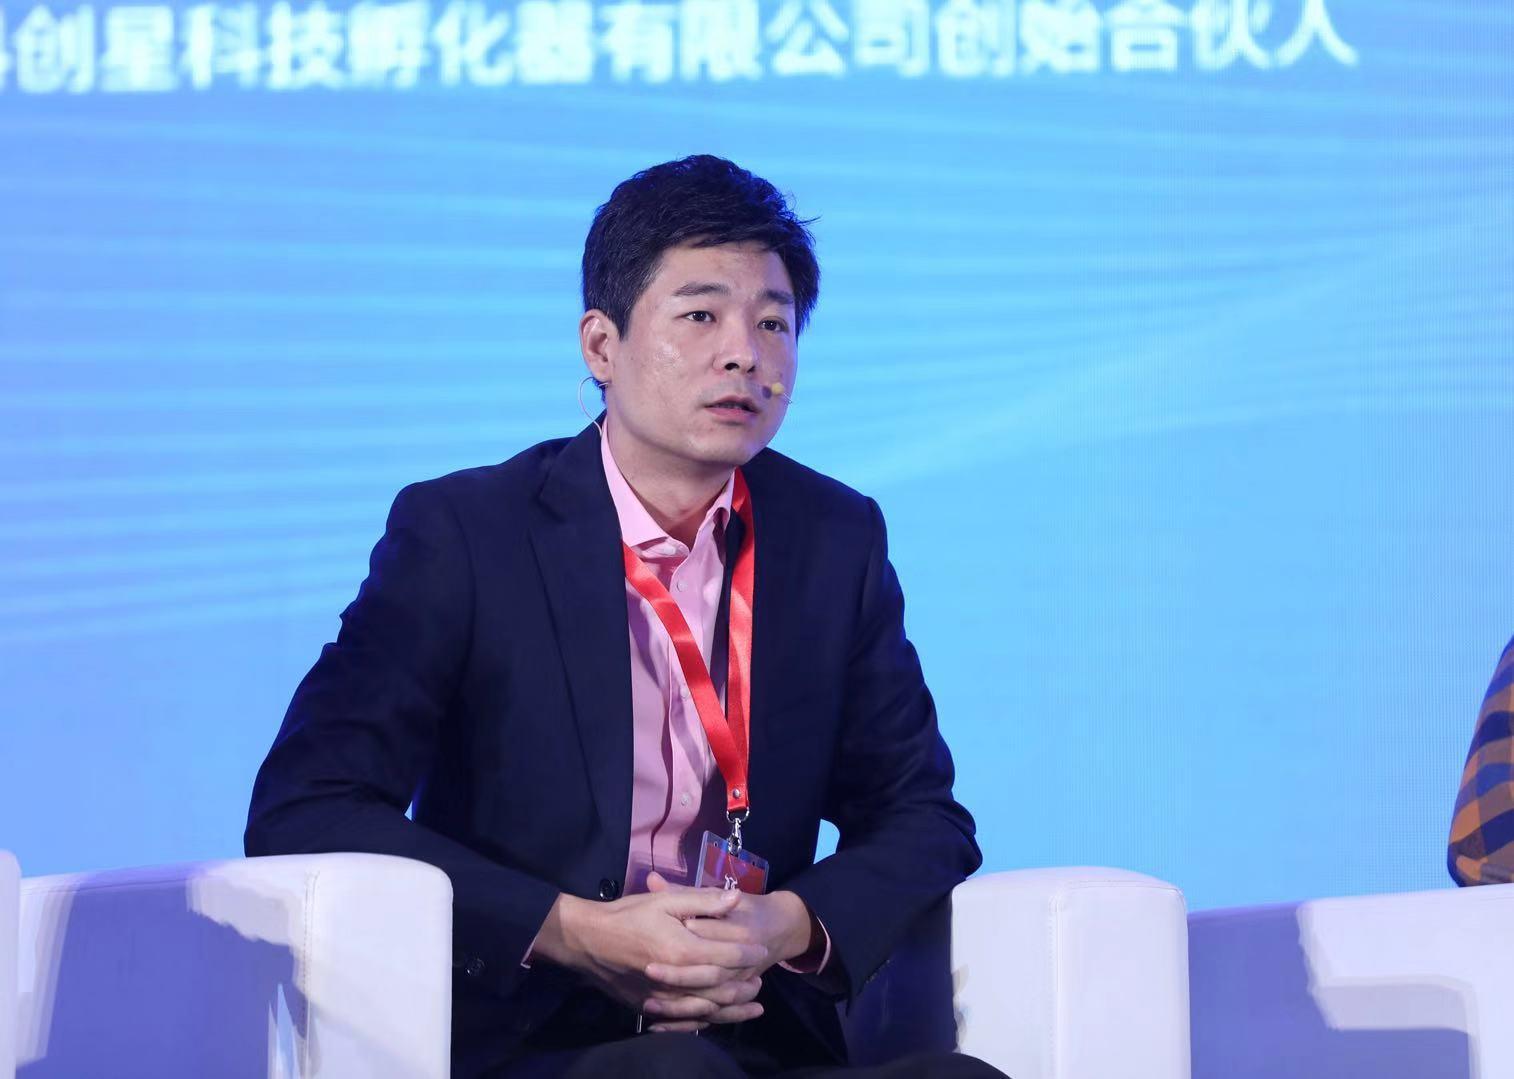 博信股权投资基金管理股份有限公司总经理陈可